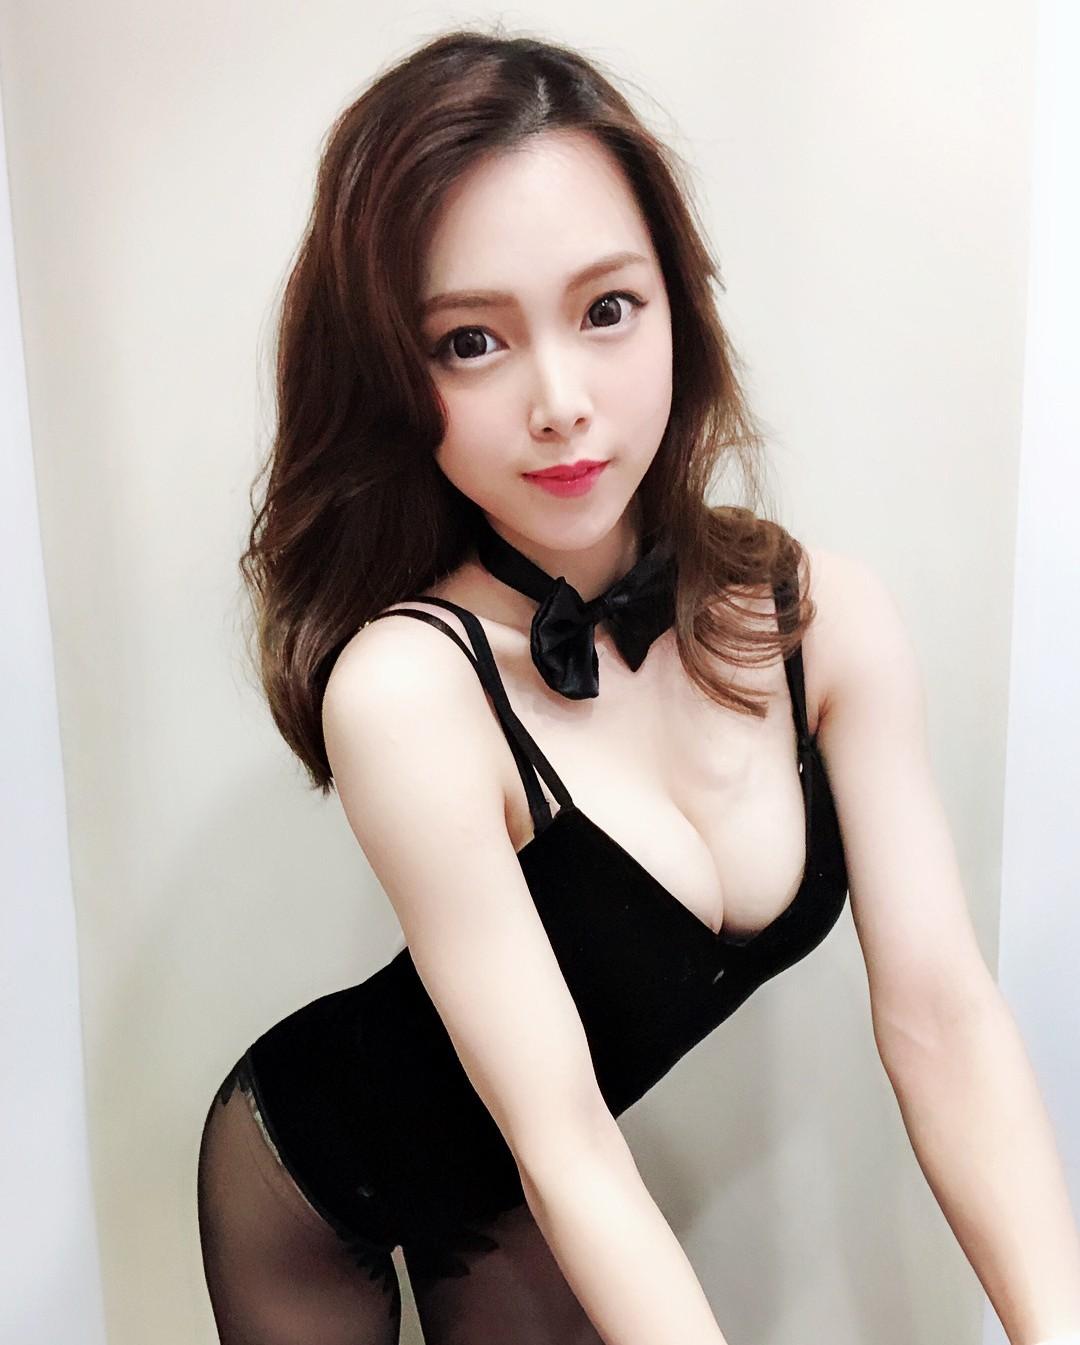 yuweno_30076516_819872604879934_4453855466472079360_n